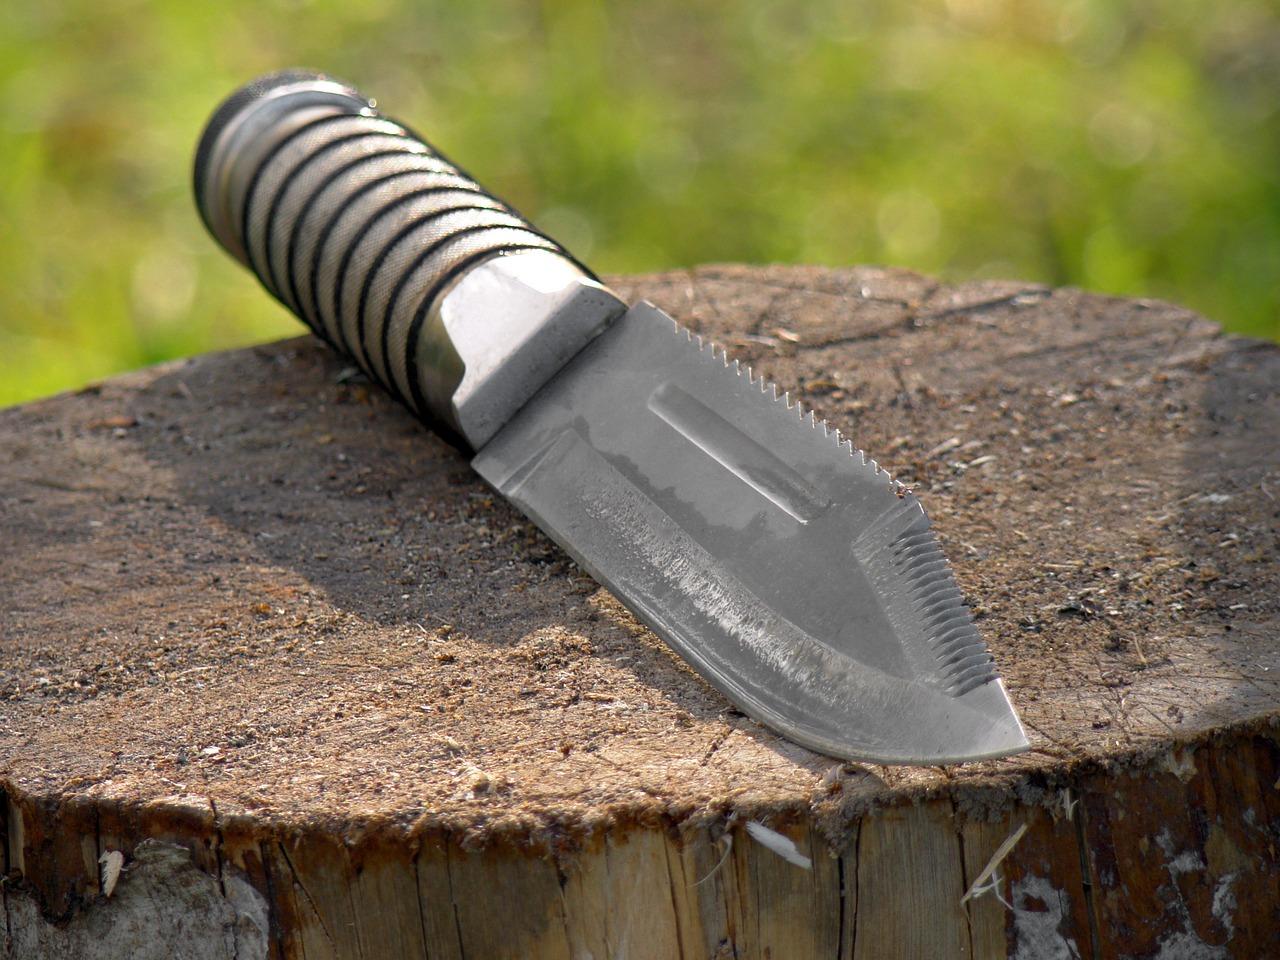 DOLK – knive og multitools til arbejde og fritid